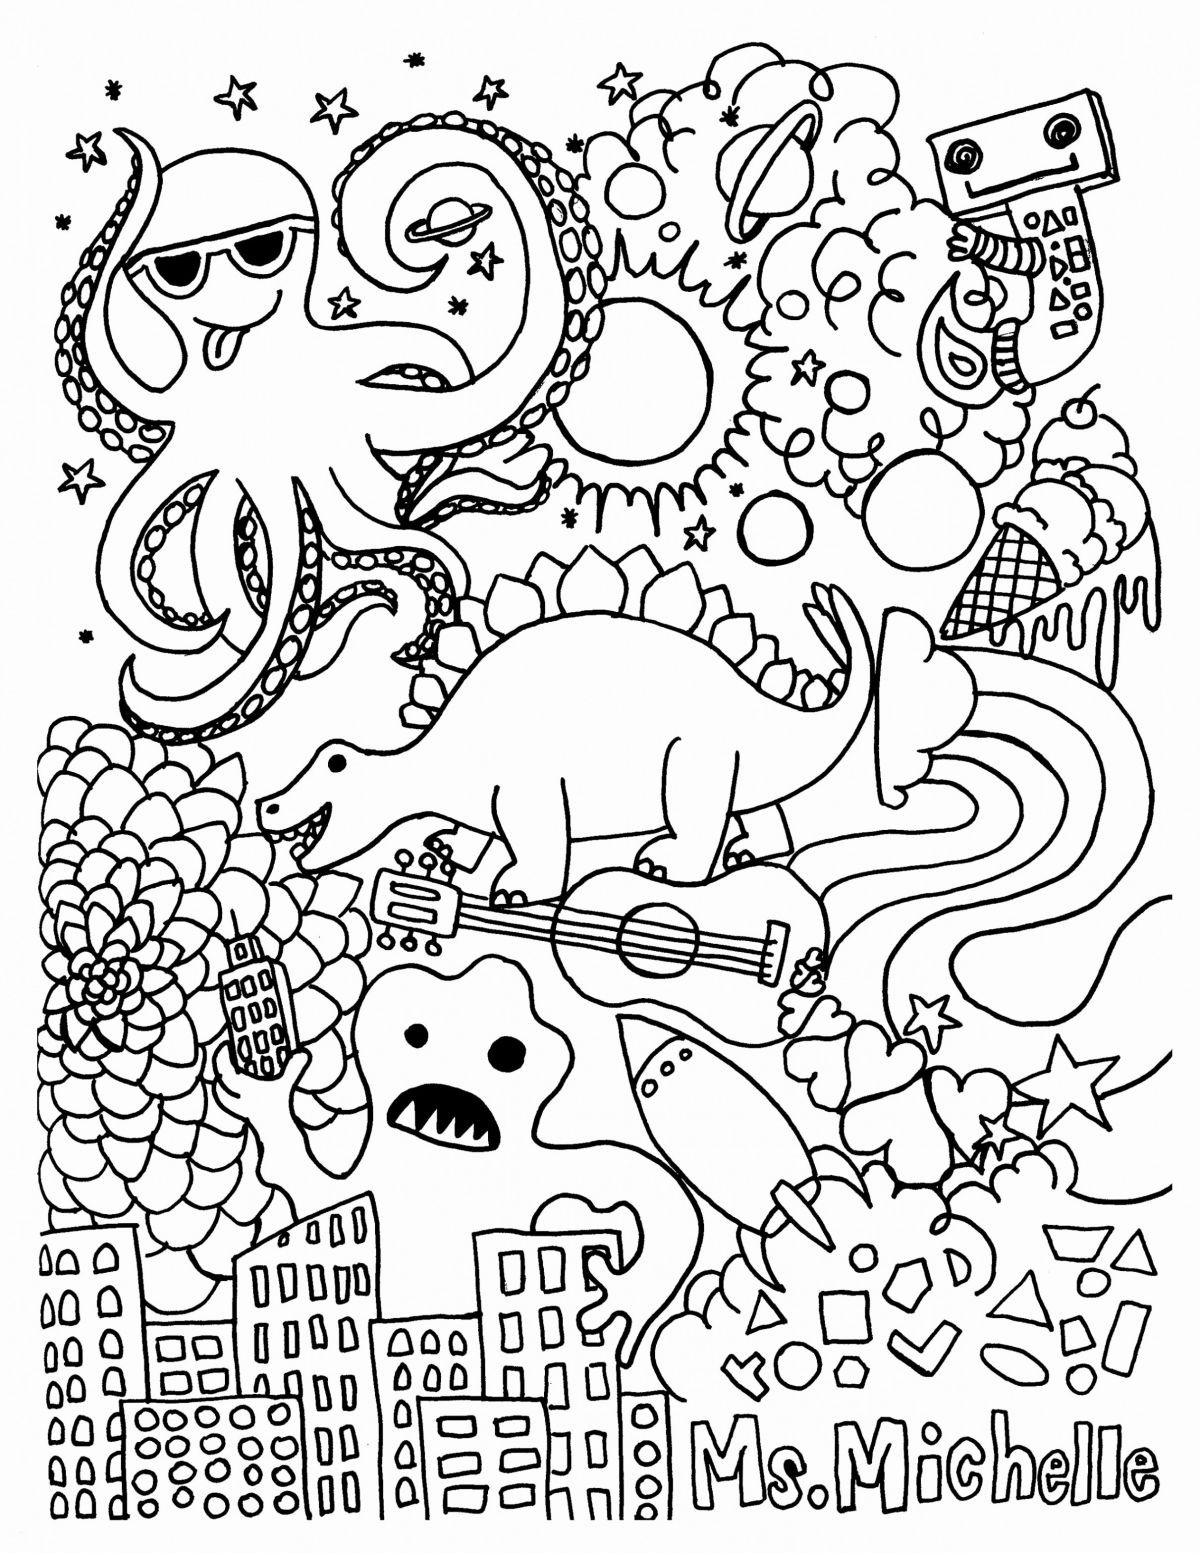 Ben Und Holly Ausmalbilder Frisch Ausmalbilder Ben Und Holly Genial Christmas Coloring Pages Uk Frisch Galerie